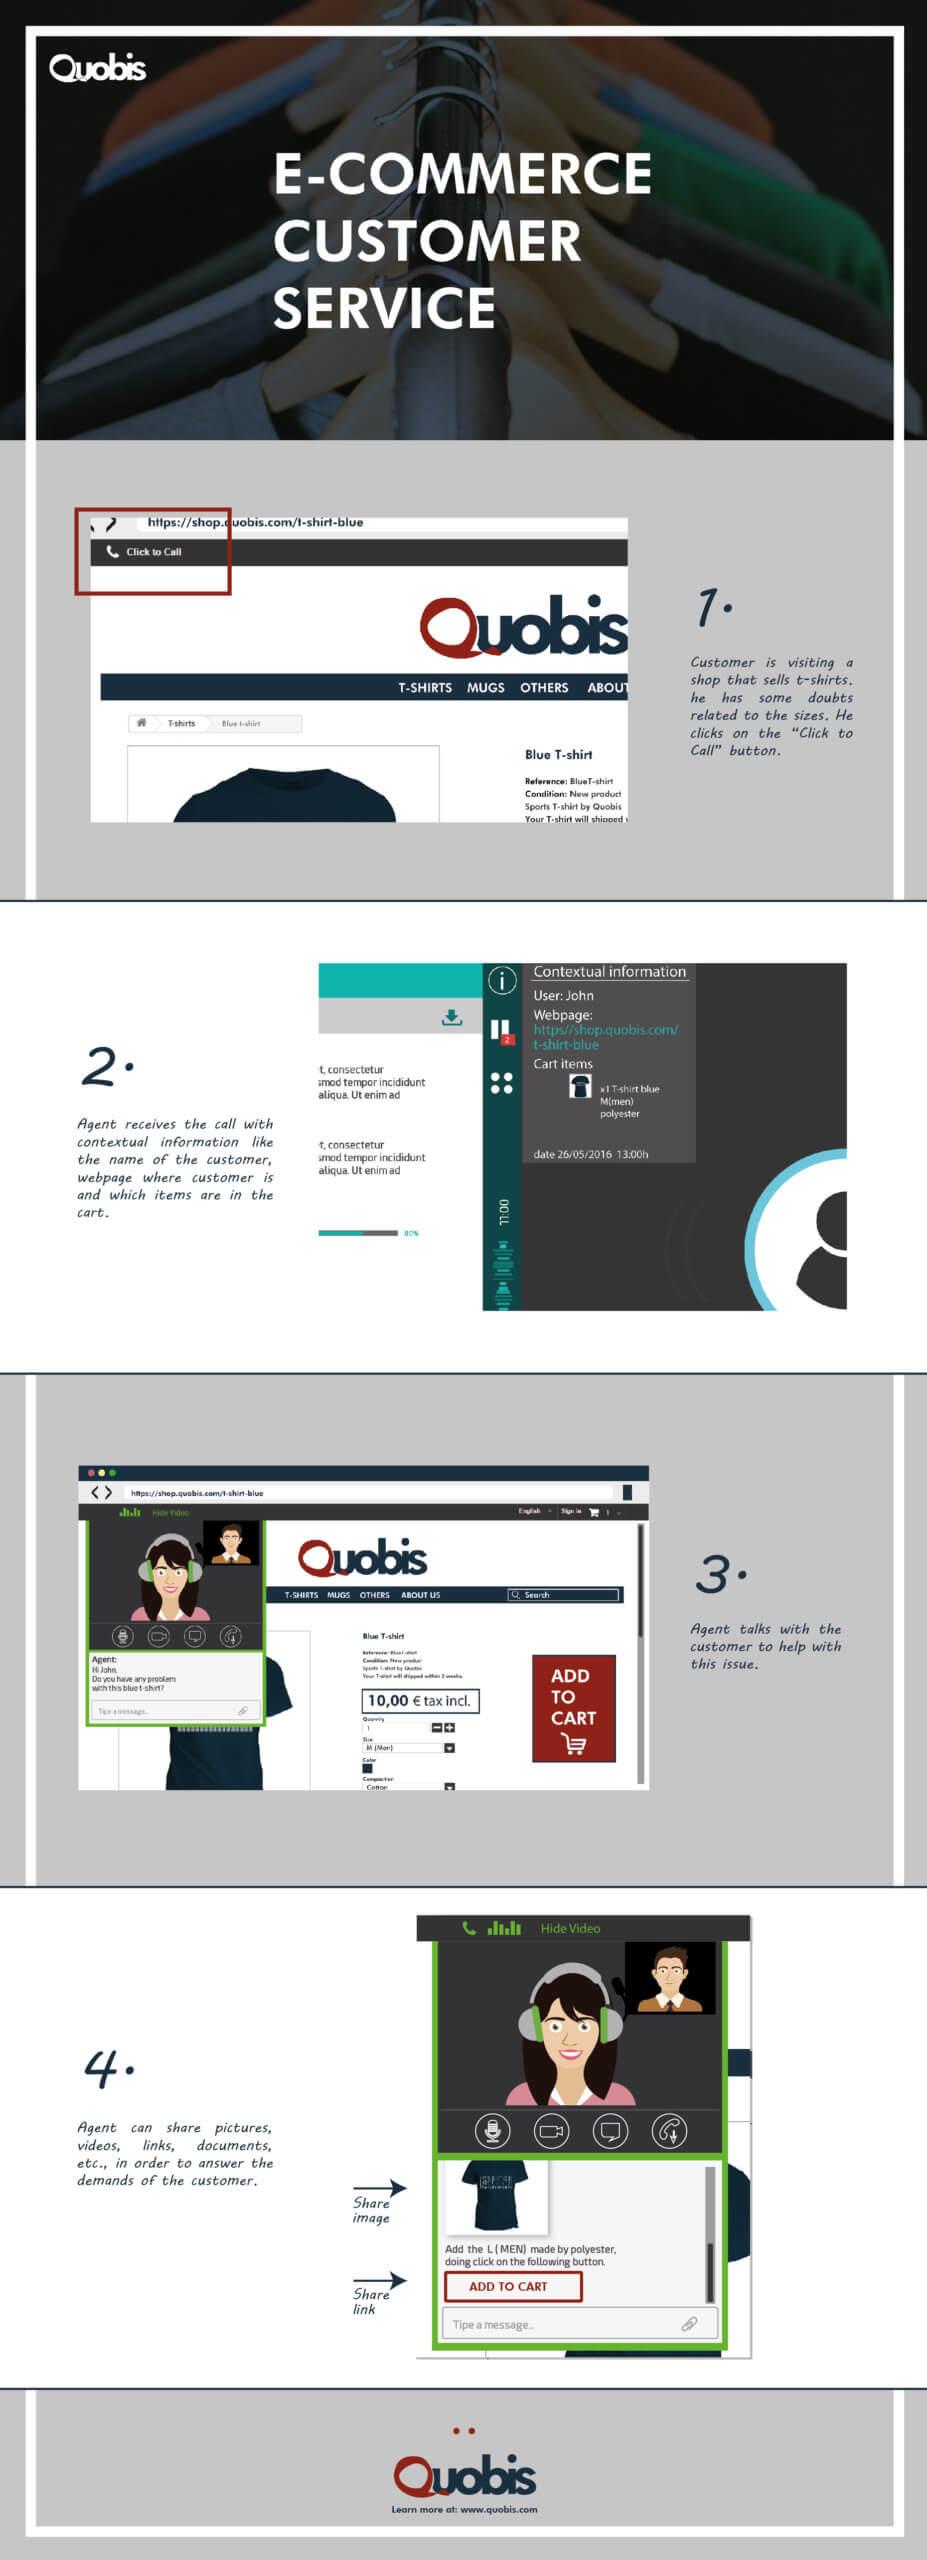 e-commerce-customer-service2-01